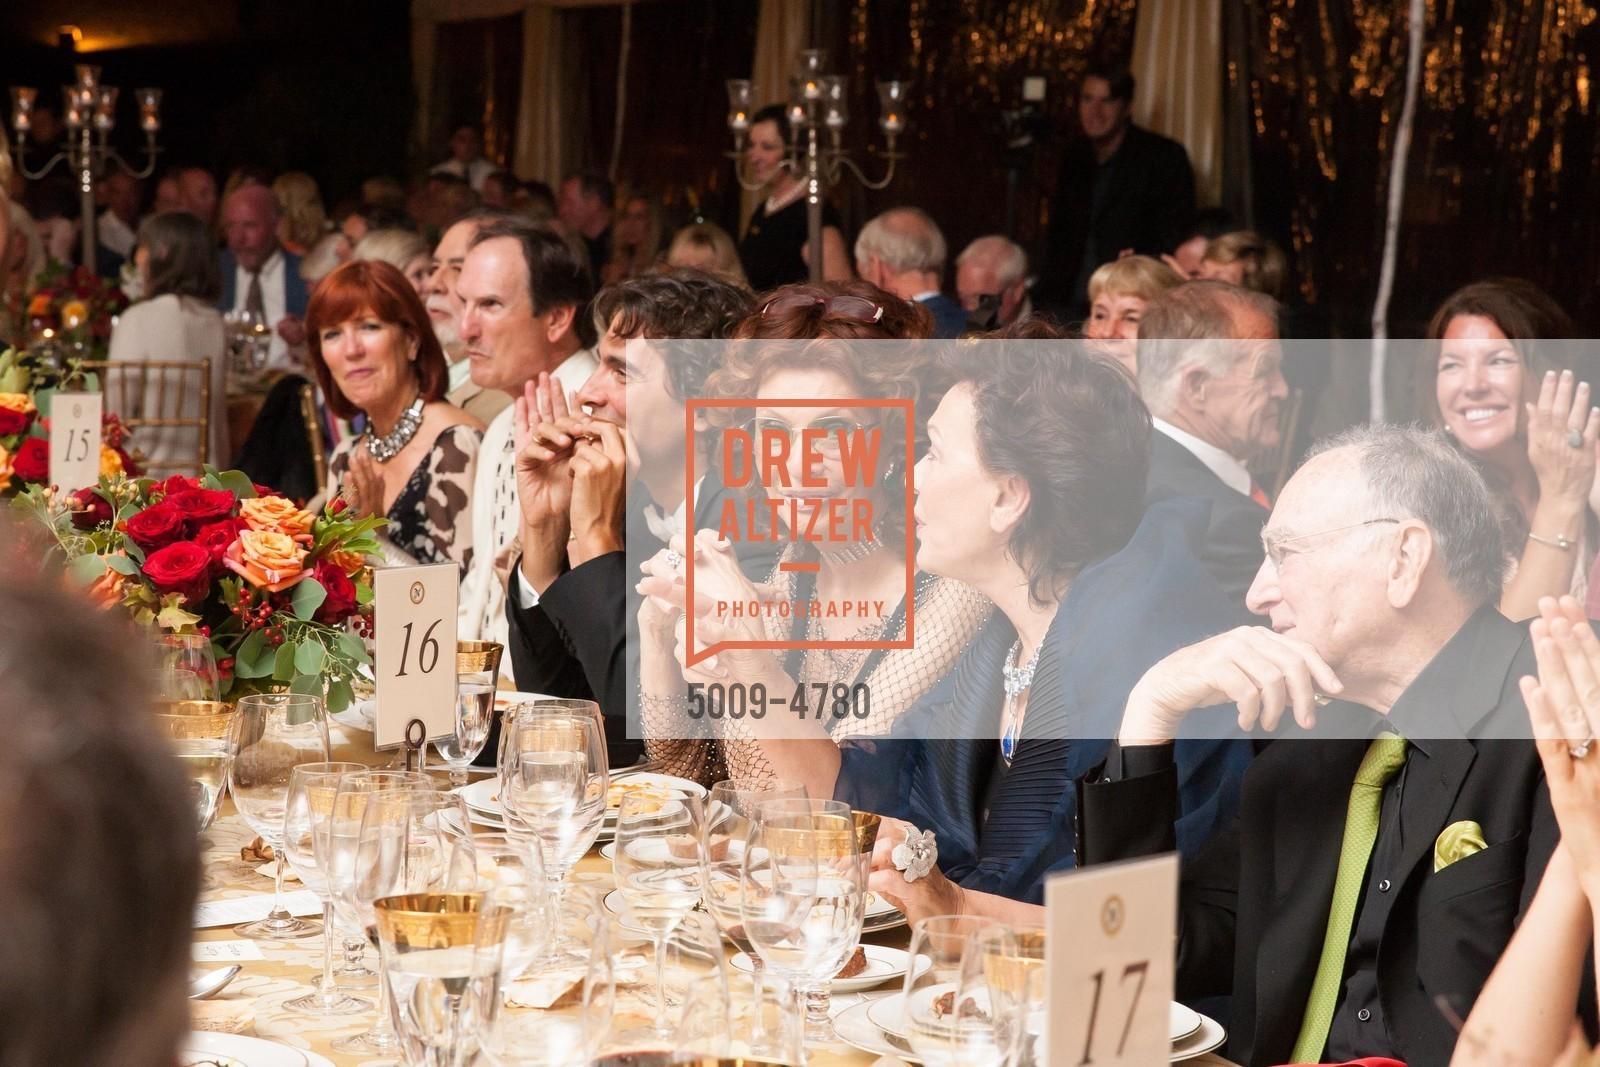 Carlo Ponti, Sophia Loren, Maria Manetti Shrem, Jan Shrem, Photo #5009-4780